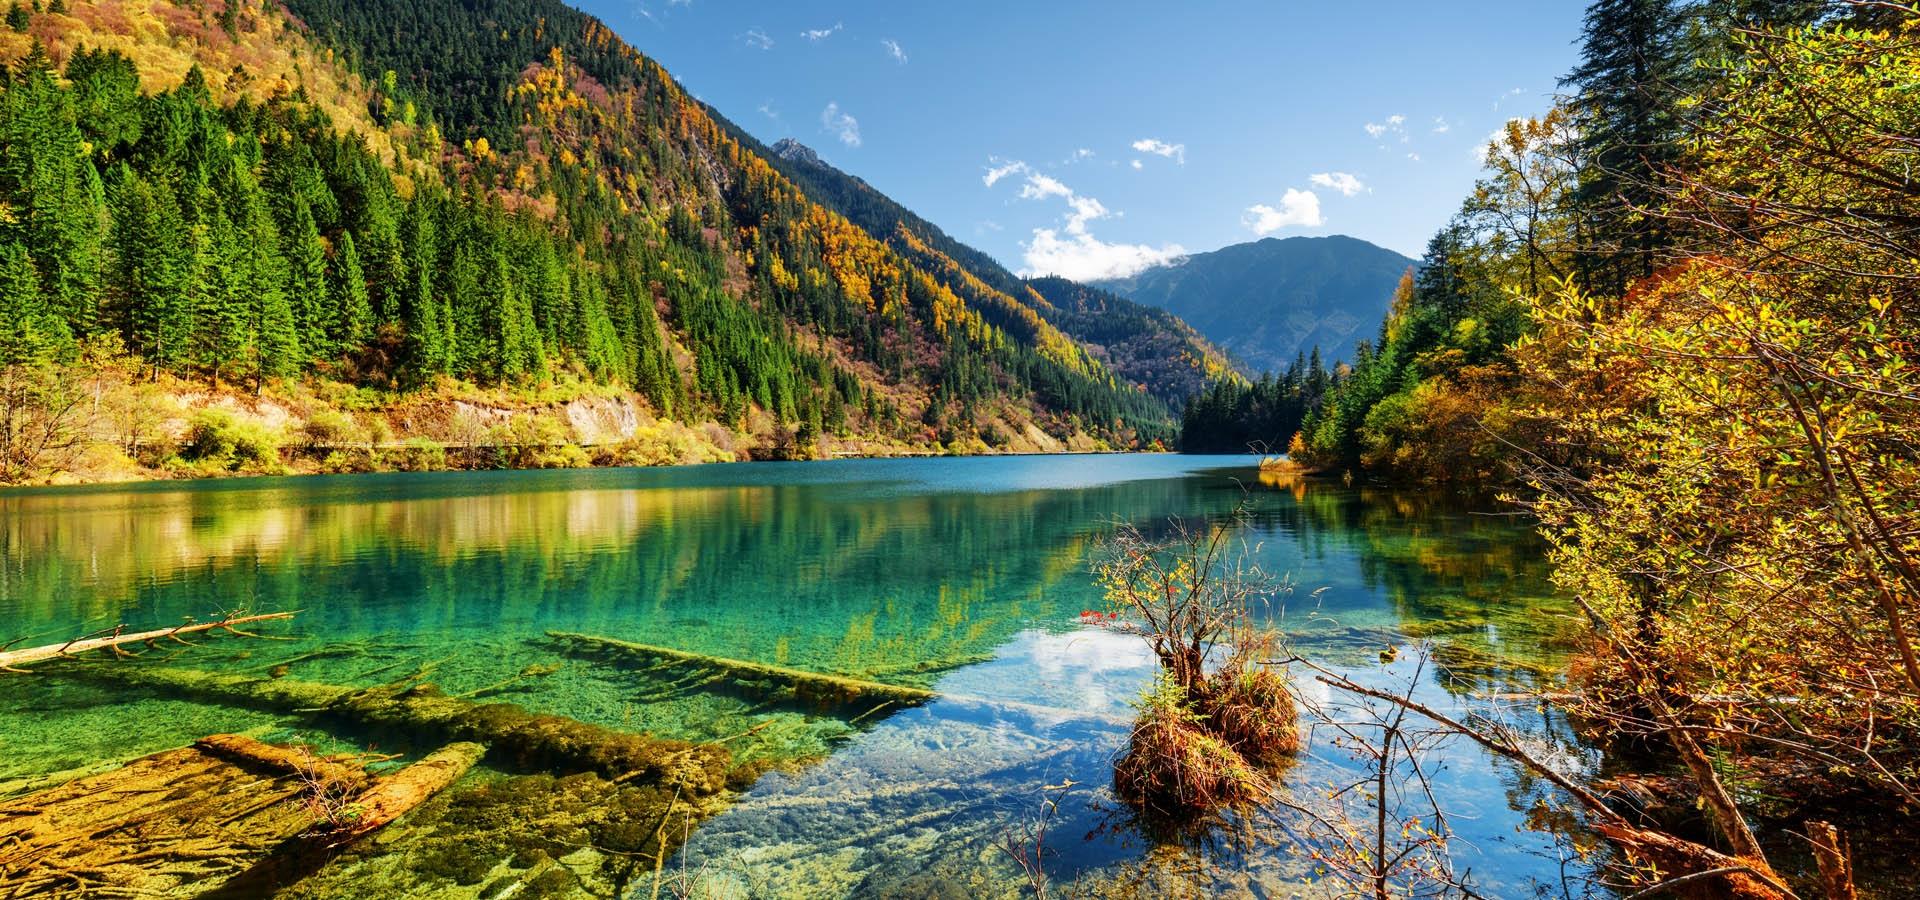 南美洲哥伦比亚_中国 | 野去自然旅行